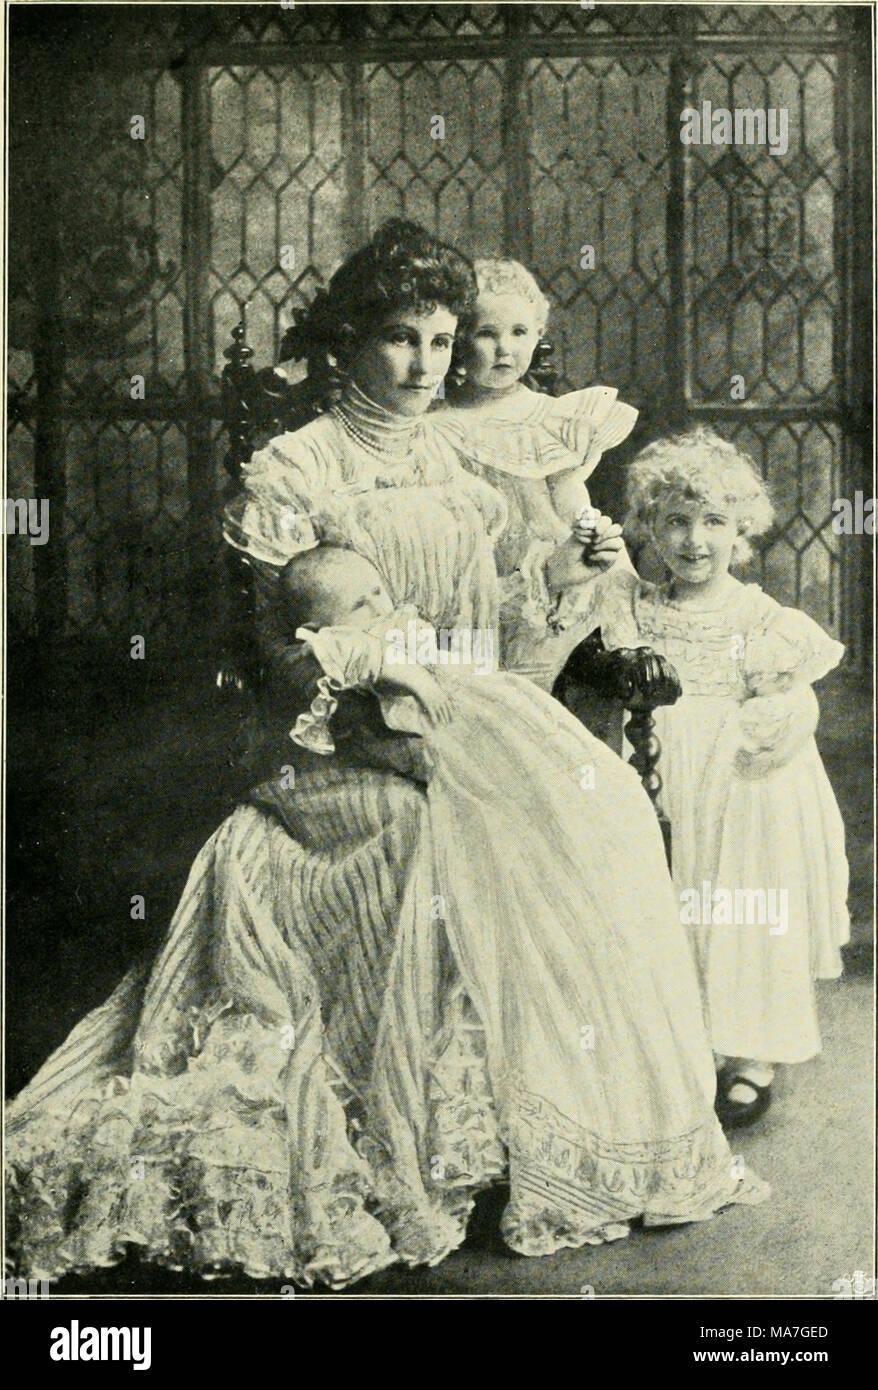 Mary Somerset, Duchess of Beaufort